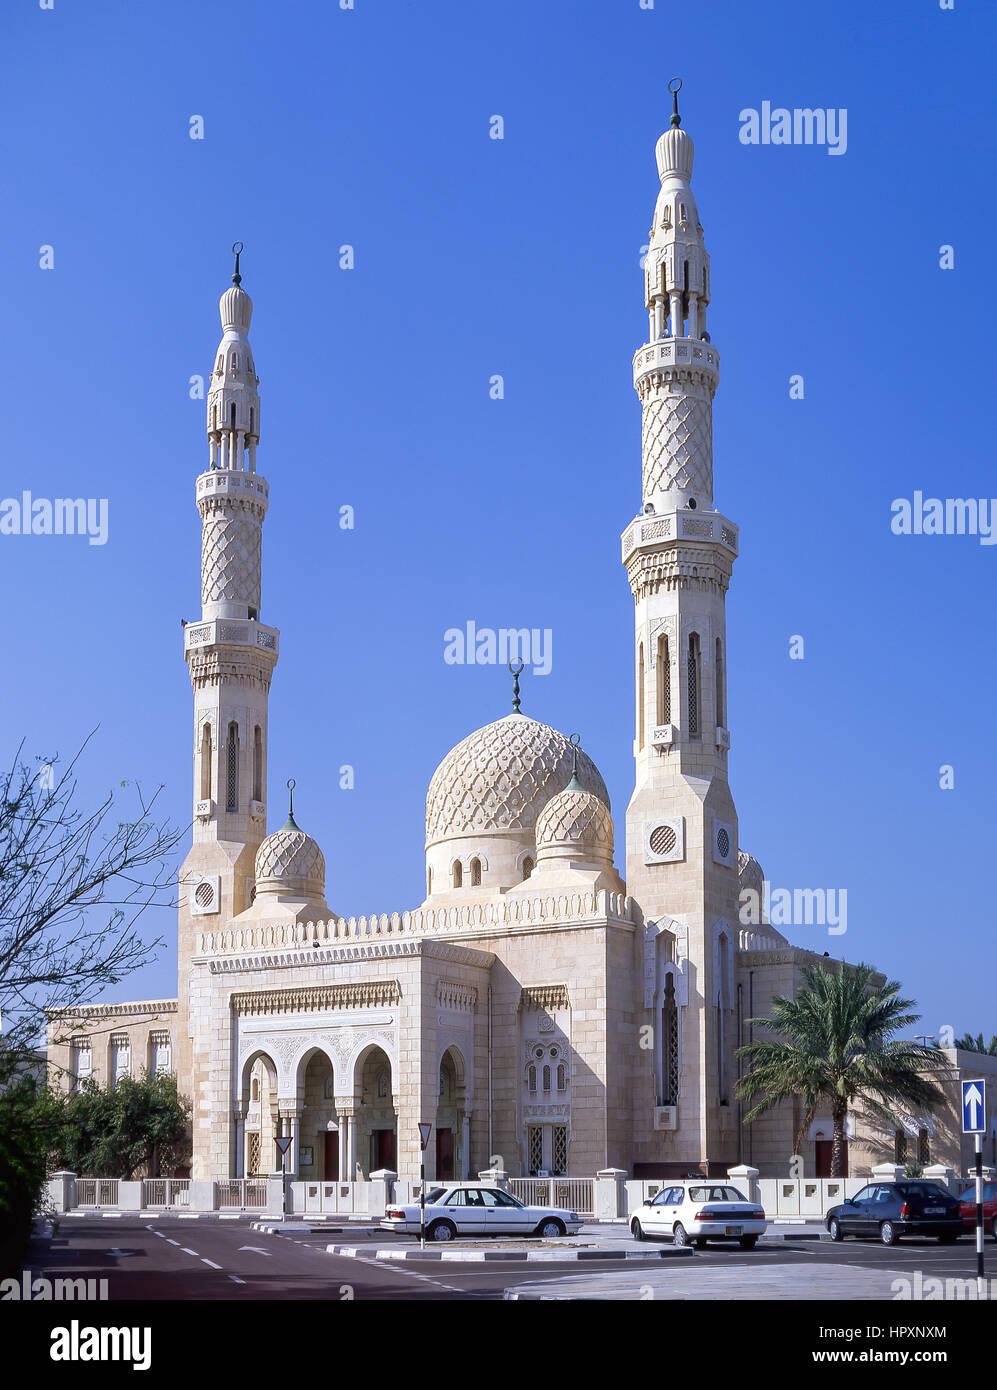 La Moschea di Jumeirah, Al Jumeira Road, Jumeirah, Dubai, Emirati Arabi Uniti Immagini Stock